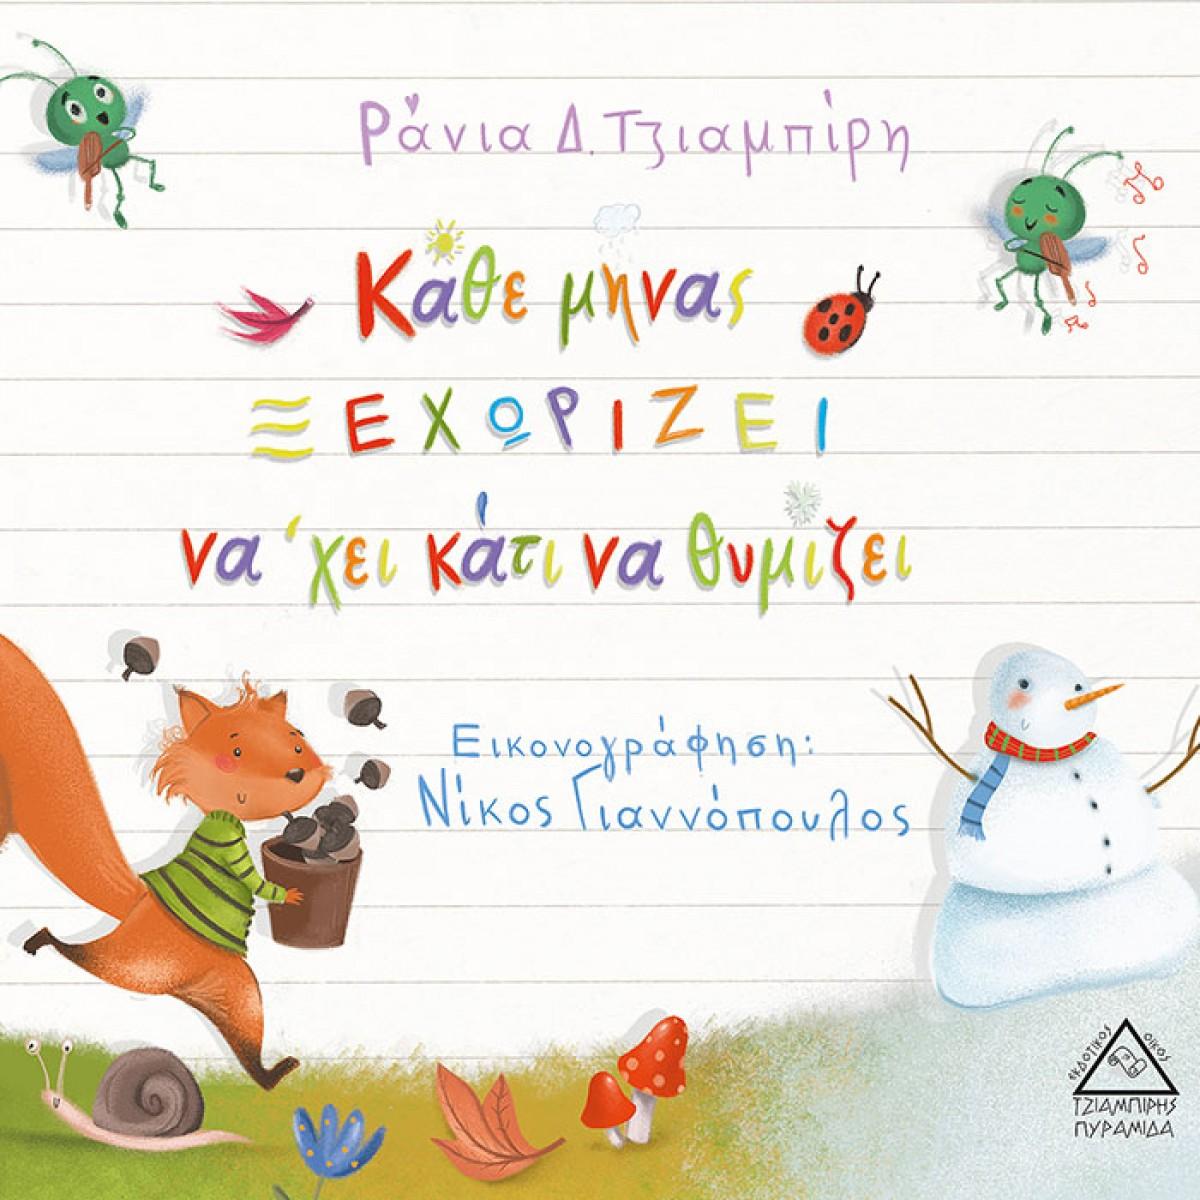 ΚΑΘΕ ΜΗΝΑΣ ΞΕΧΩΡΙΖΕΙ ΝΑ' ΧΕΙ ΚΑΤΙ ΝΑ ΘΥΜΙΖΕΙ Παιδικά Βιβλία